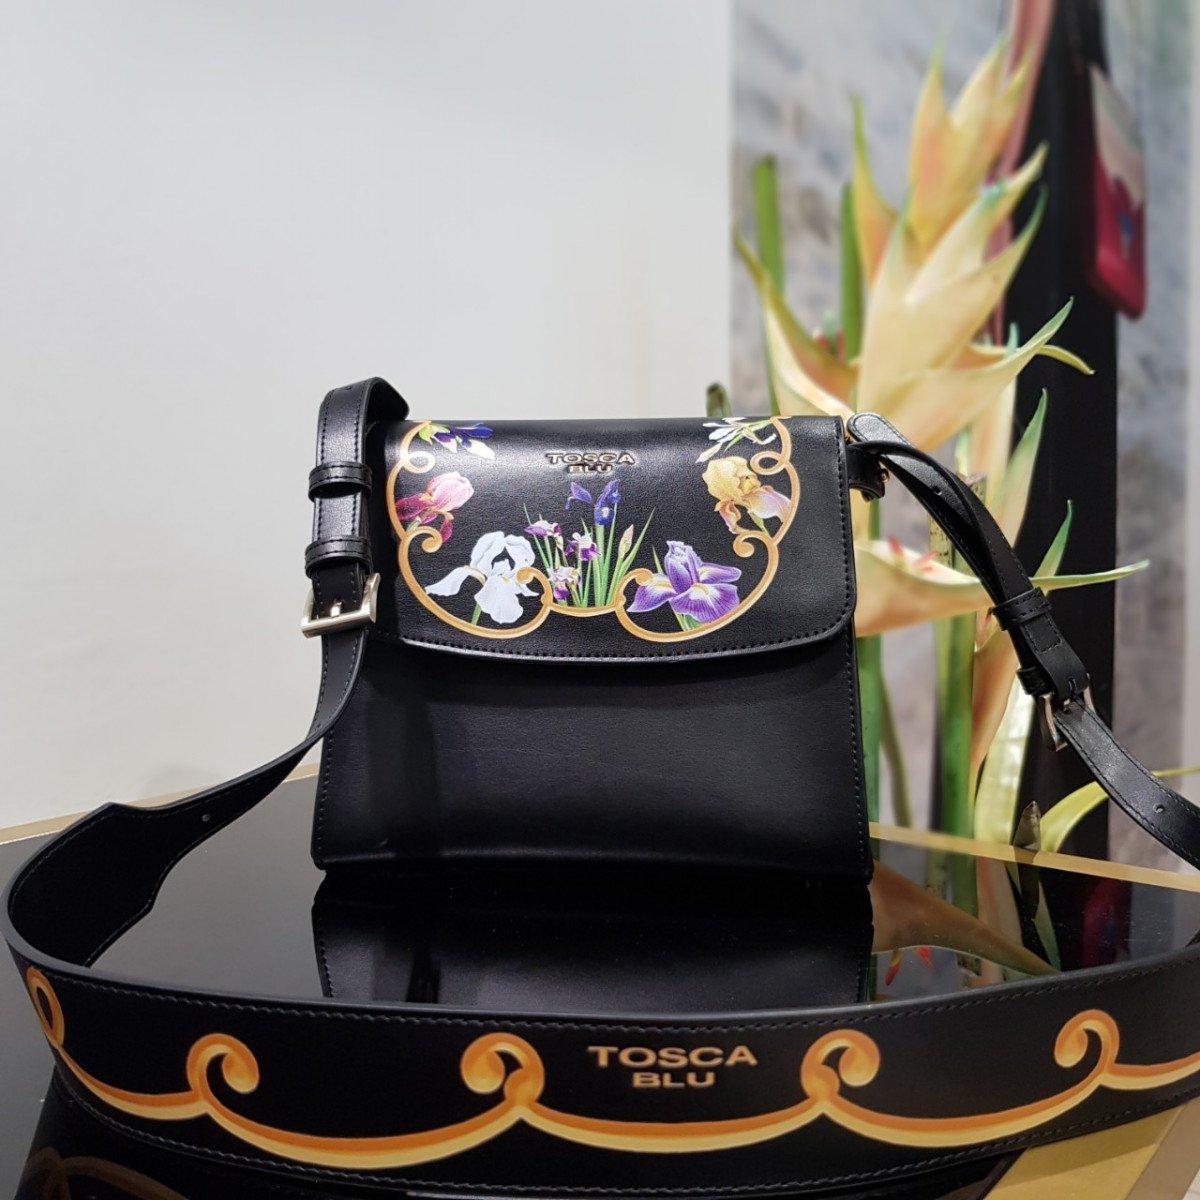 Женская кожаная сумка Tosca Blu TF19RB244 black из натуральной кожи